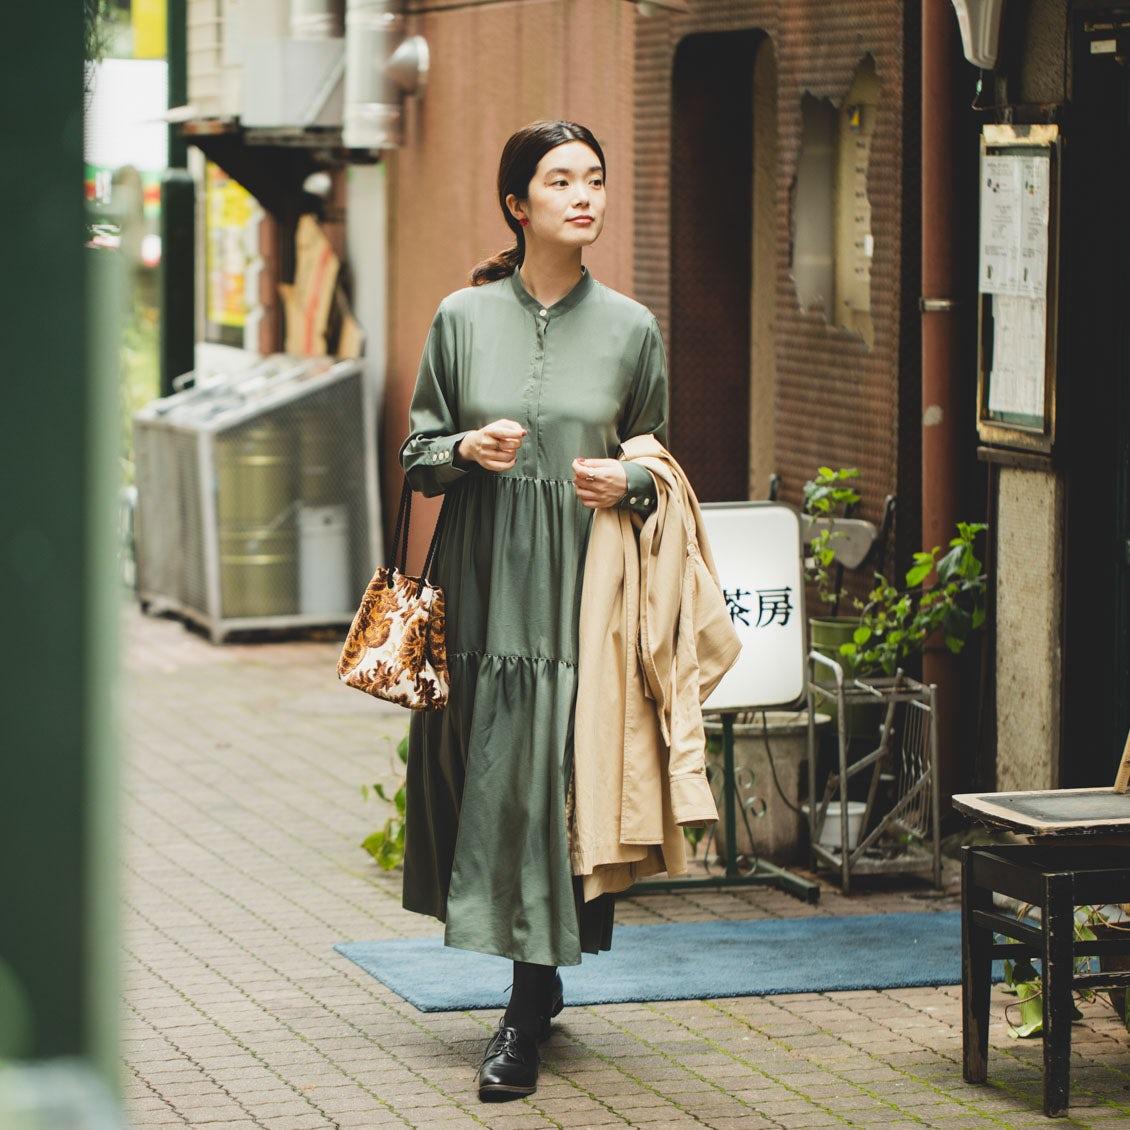 【新商品】暮らしにひとさじの非日常を。秋に着たい、特別なワンピースをつくりました